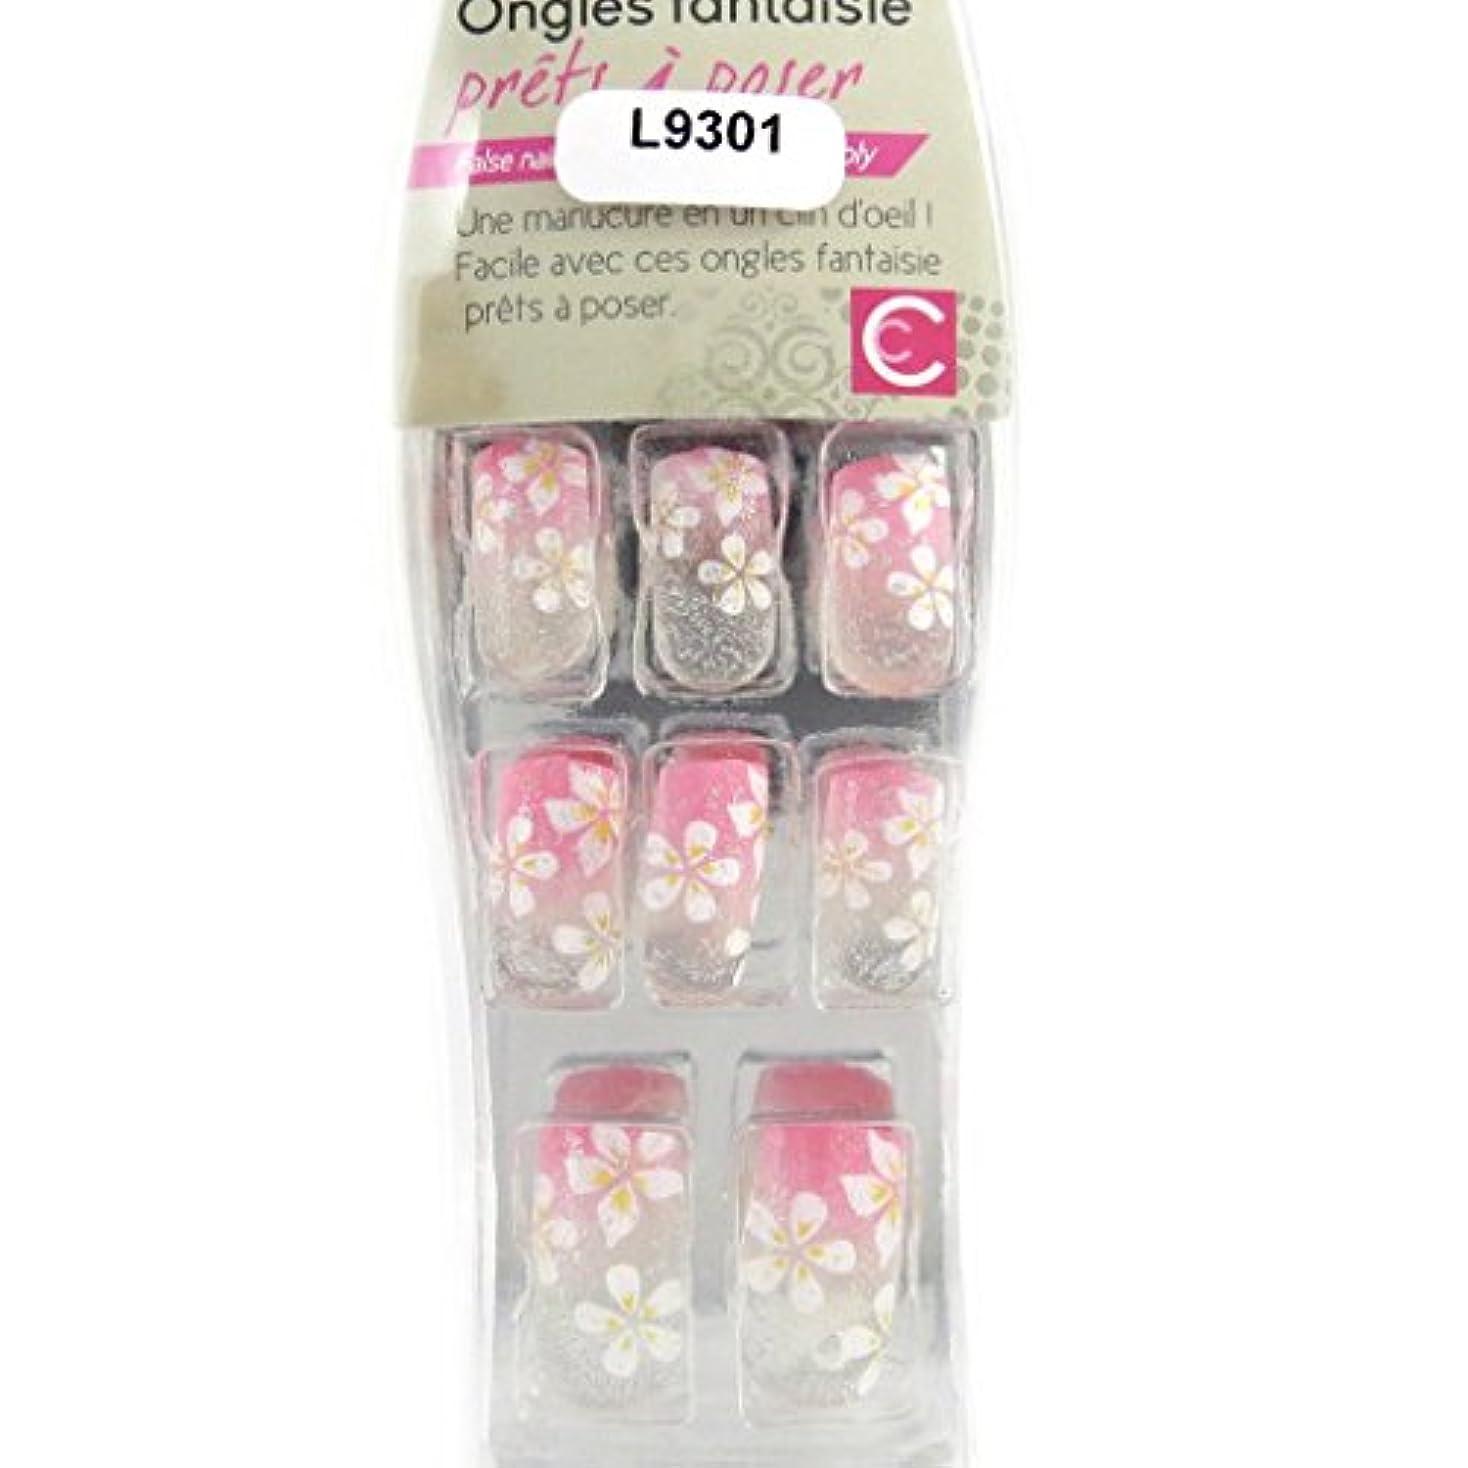 宗教物理的に控えめな[リリーの宝 (Les Tresors De Lily)] (Scarlett コレクション) [L9301] アクリルスカルプチュア ピンク